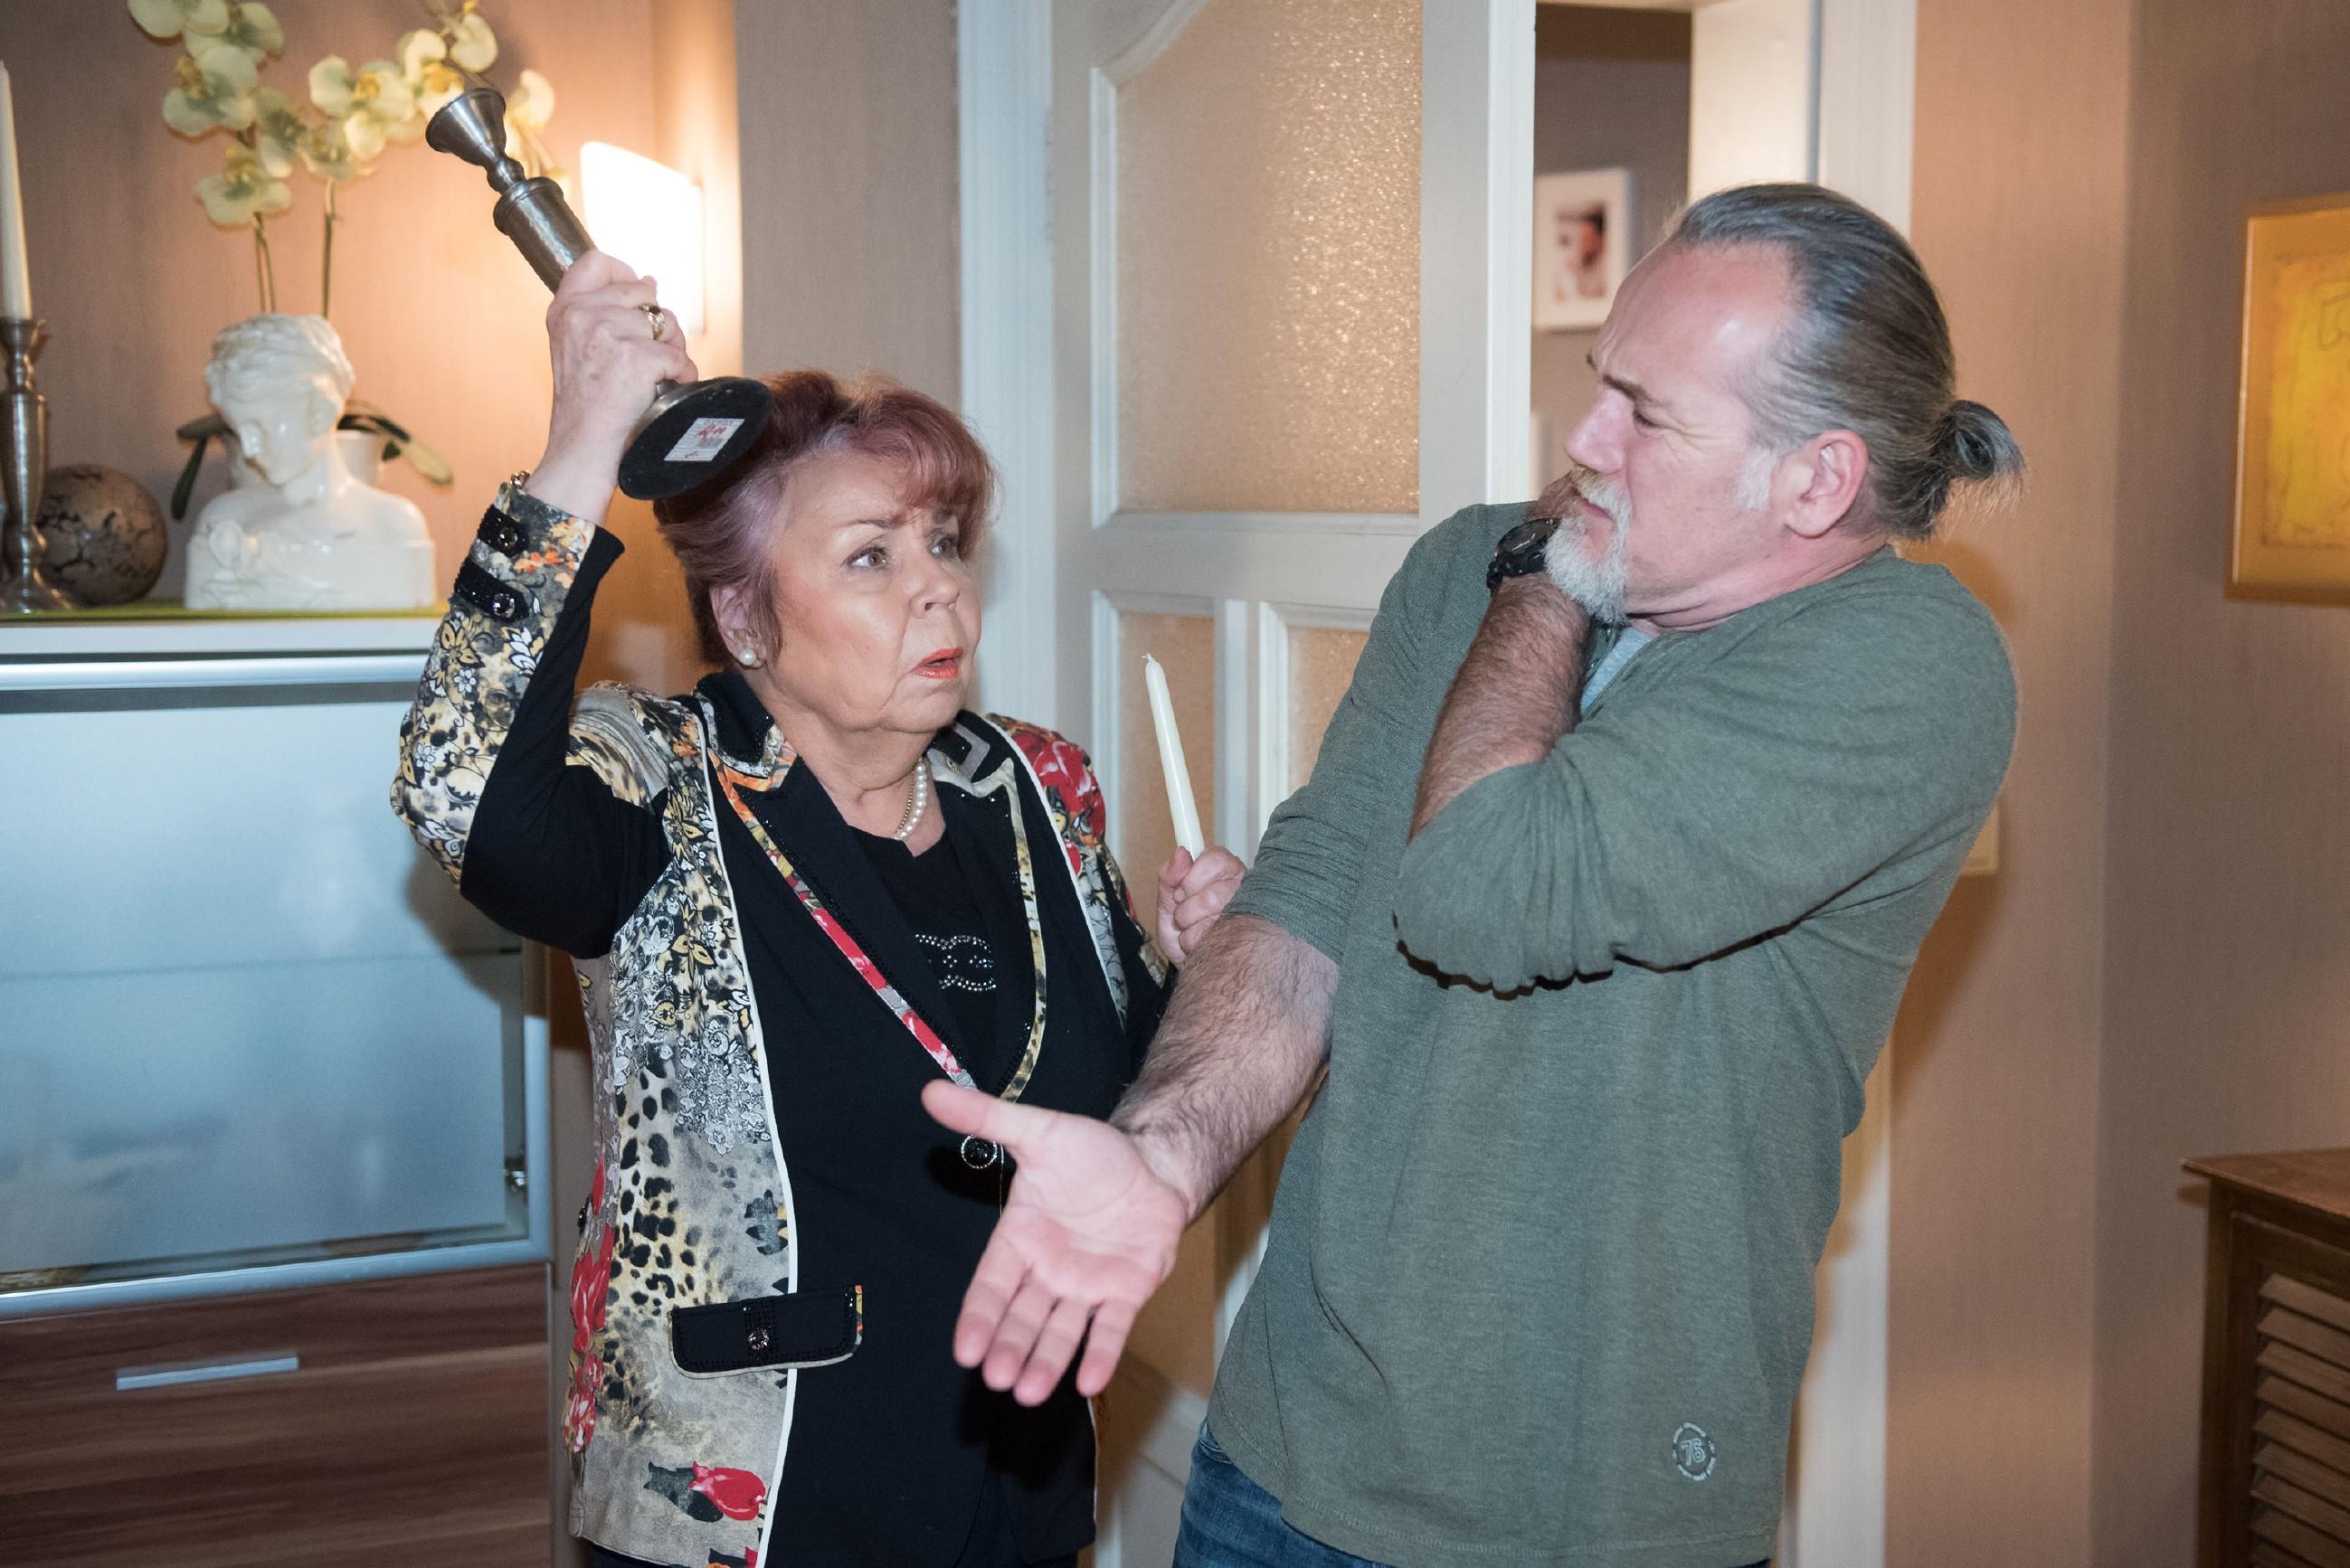 Als Roswitha (Andrea Brix) in der Nacht einen Eindringling in der Wohnung hört, schlägt sie versehentlich Robert (Luca Maric) nieder... (Quelle: Foto: RTL / Stefan Behrens)